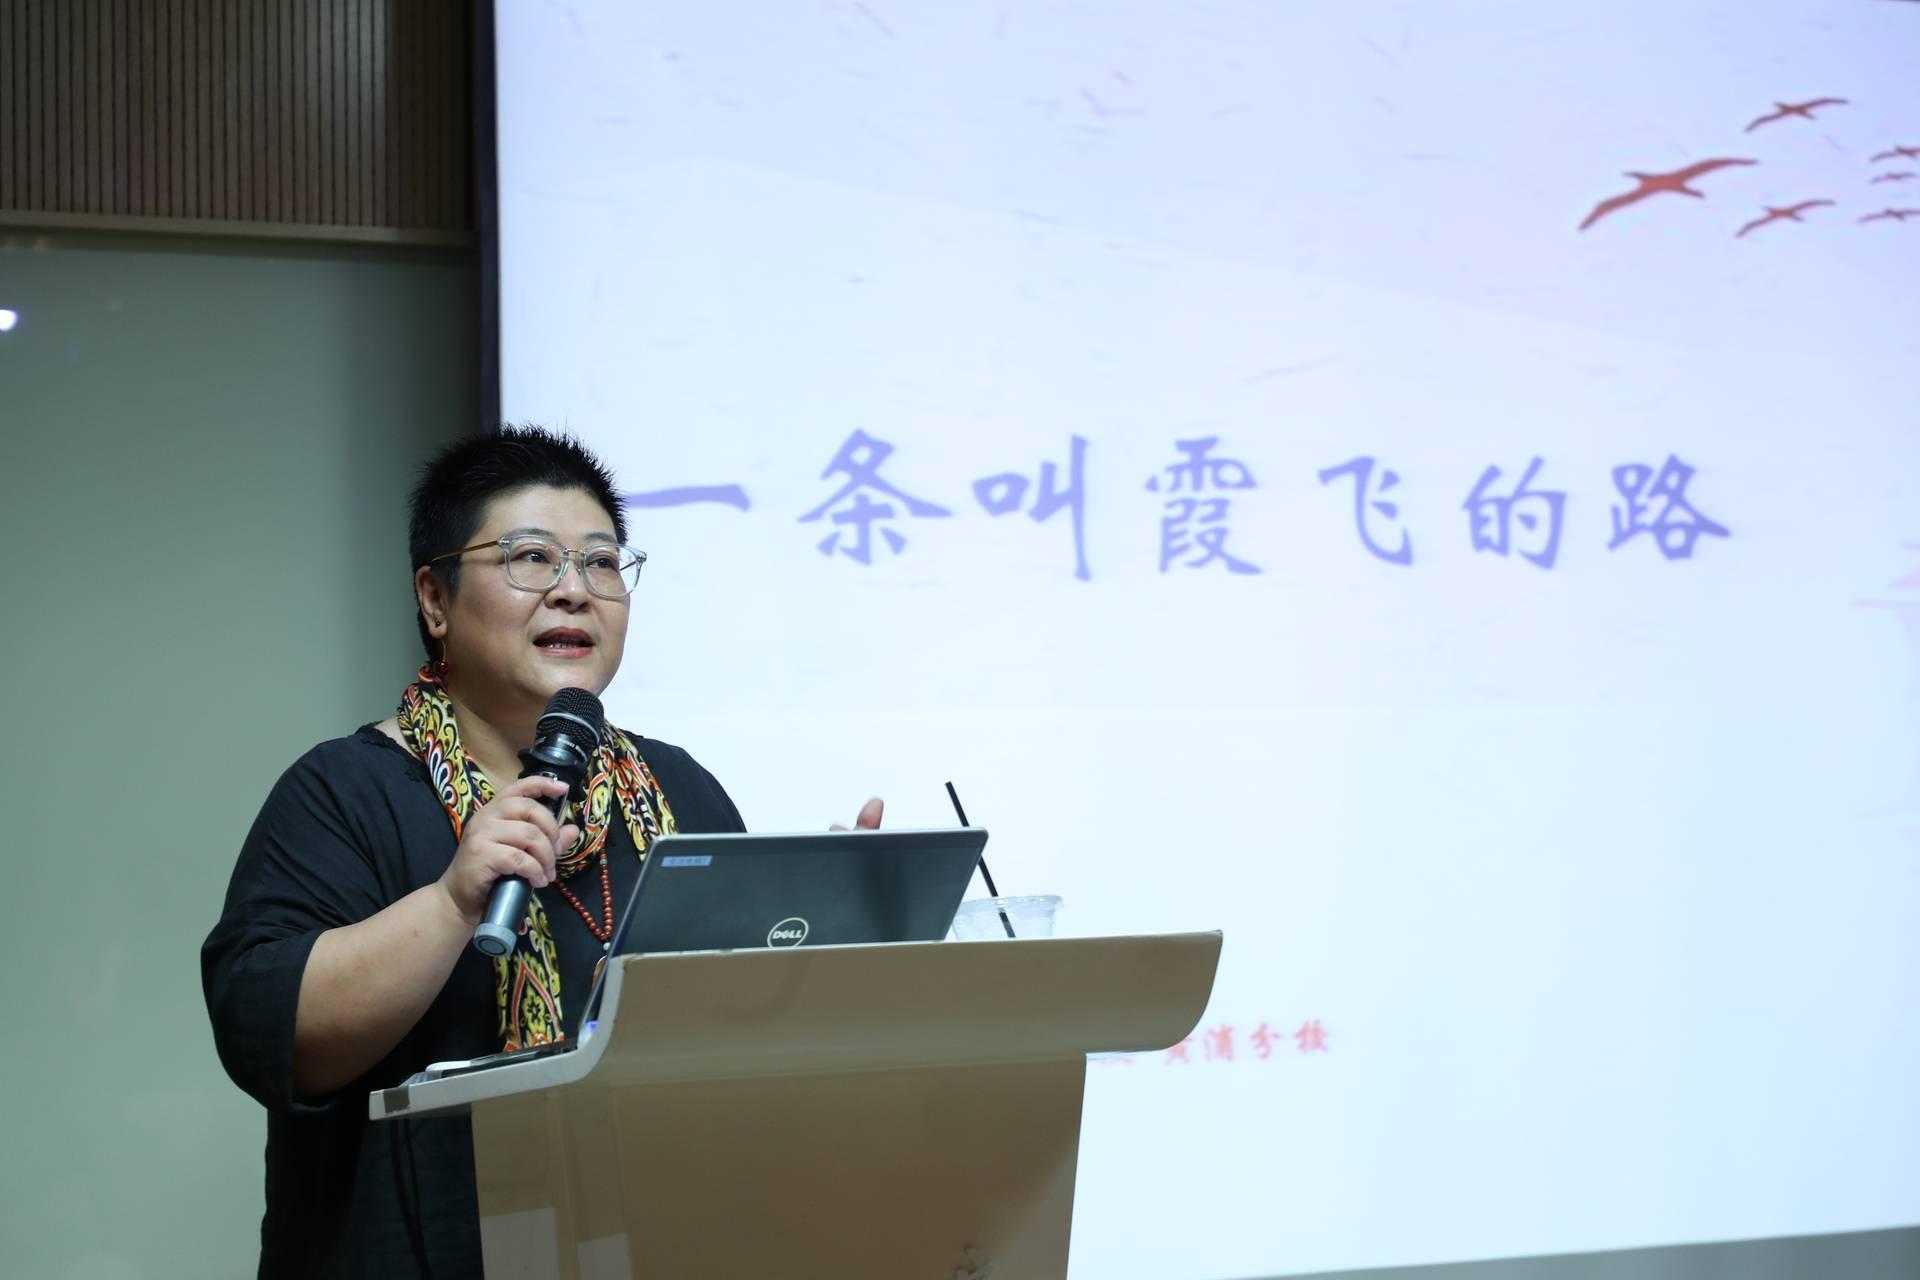 成就更好的自己    焕发绚丽的光芒上海女性创新学校黄浦分校在安利上海体验馆揭牌成立